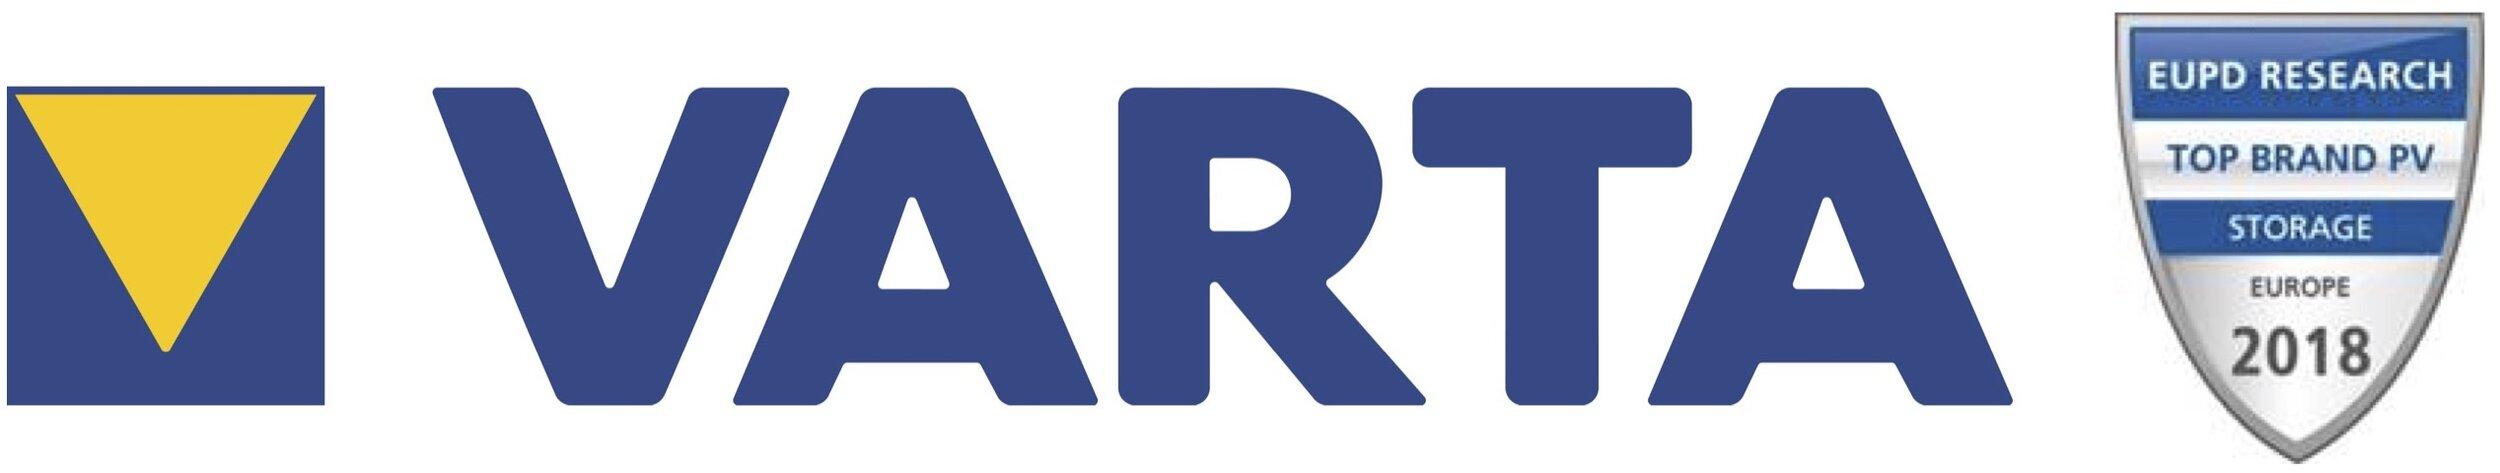 Varta-Logo-.jpg